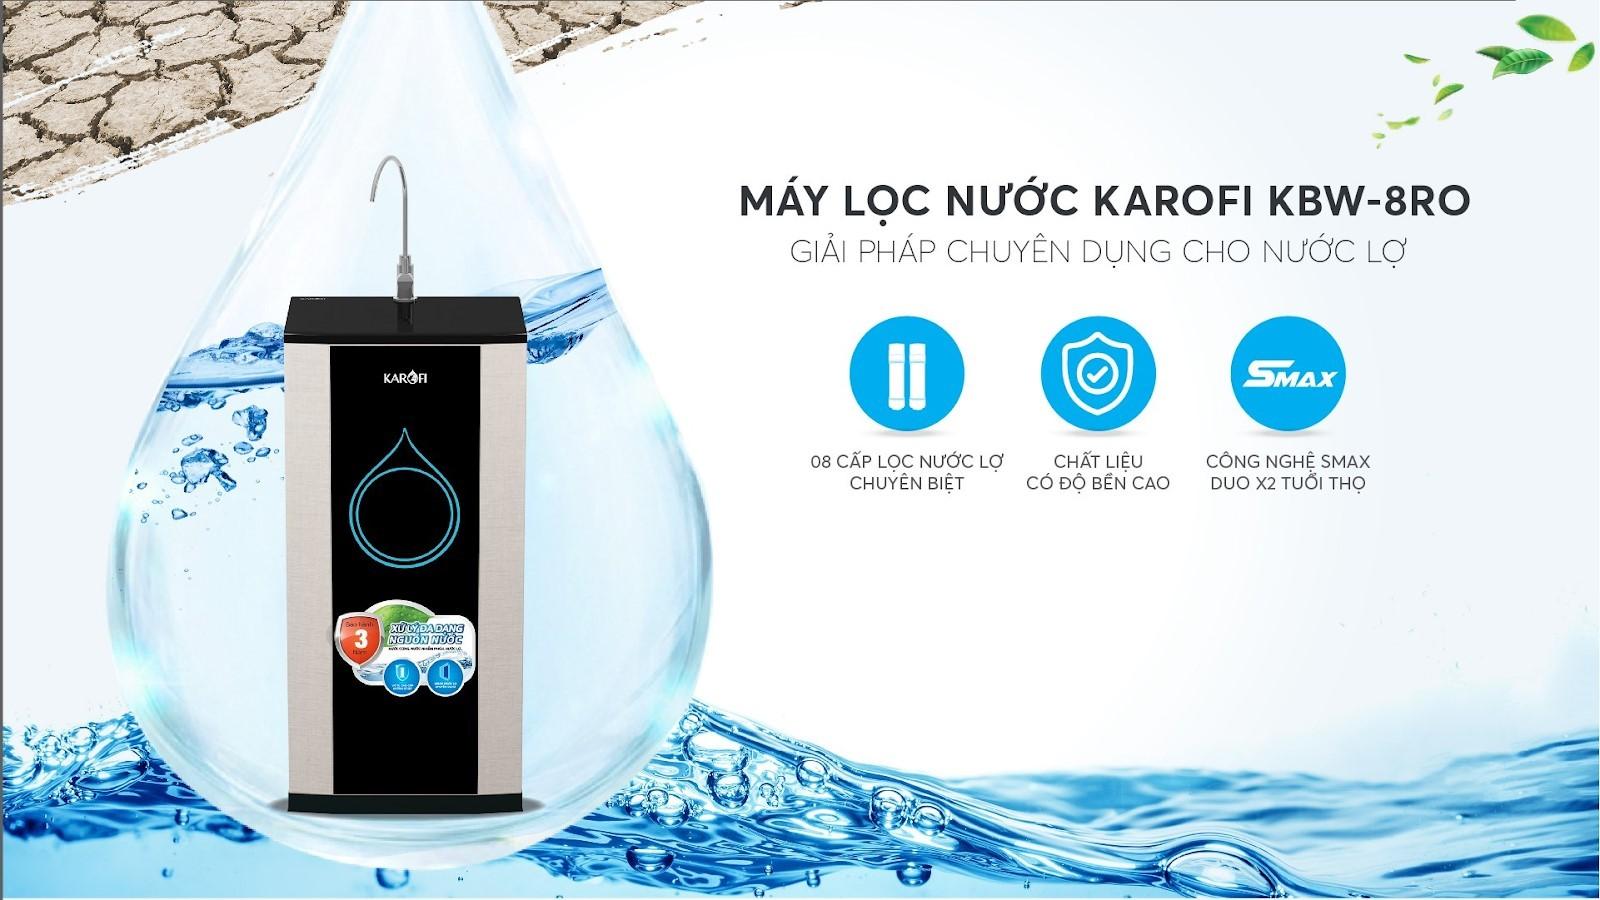 may-loc-nuoc-man-lo-quyen-linh-karofi-4